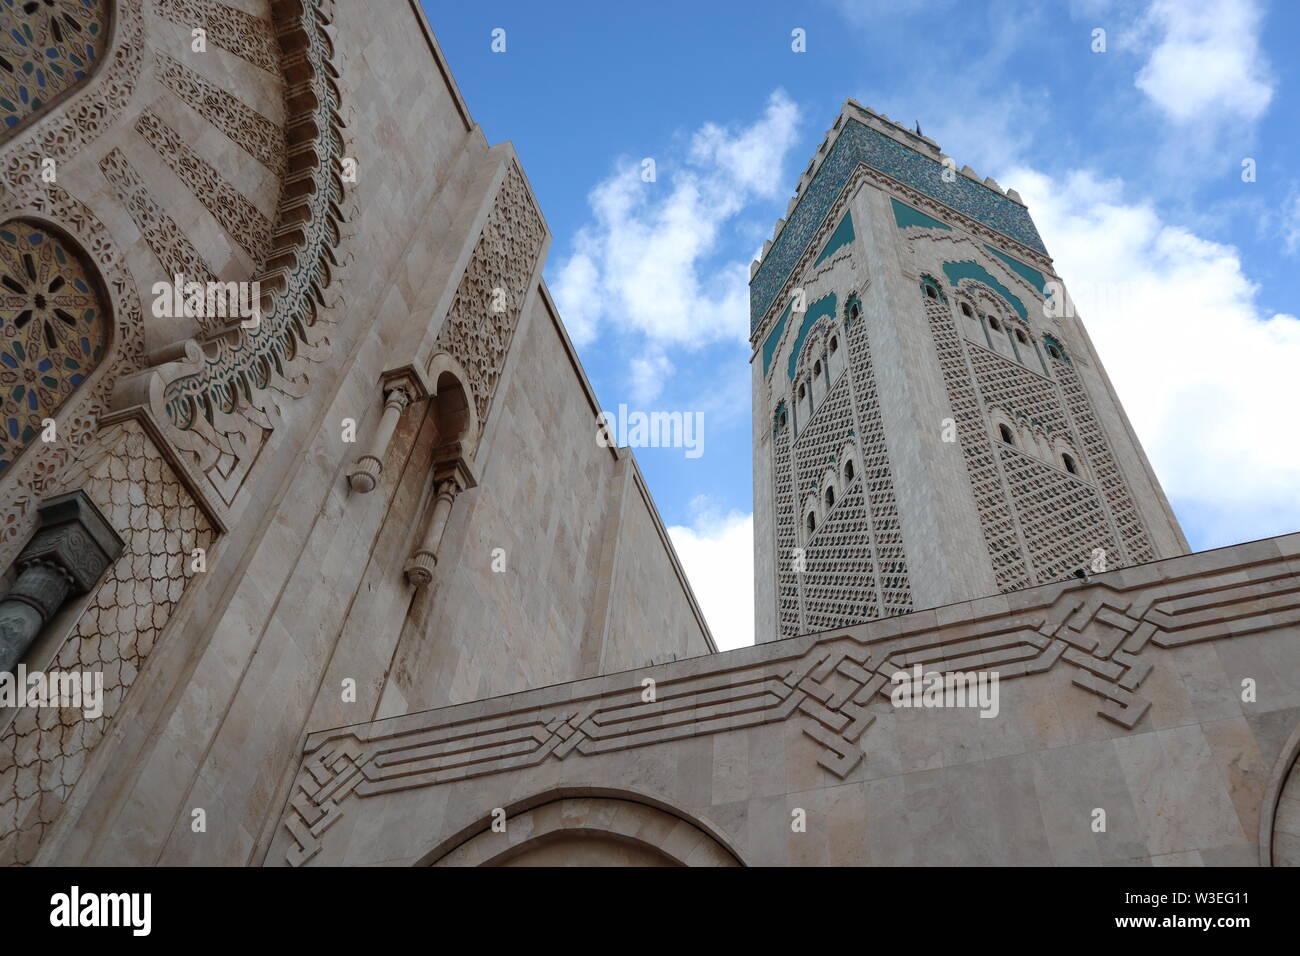 Antes de entrar a la Mezquita de Hassan II, en Casablanca, Marruecos. Azul cielo marroquí alrededor del minarete más alto del mundo a 210 metros. Foto de stock